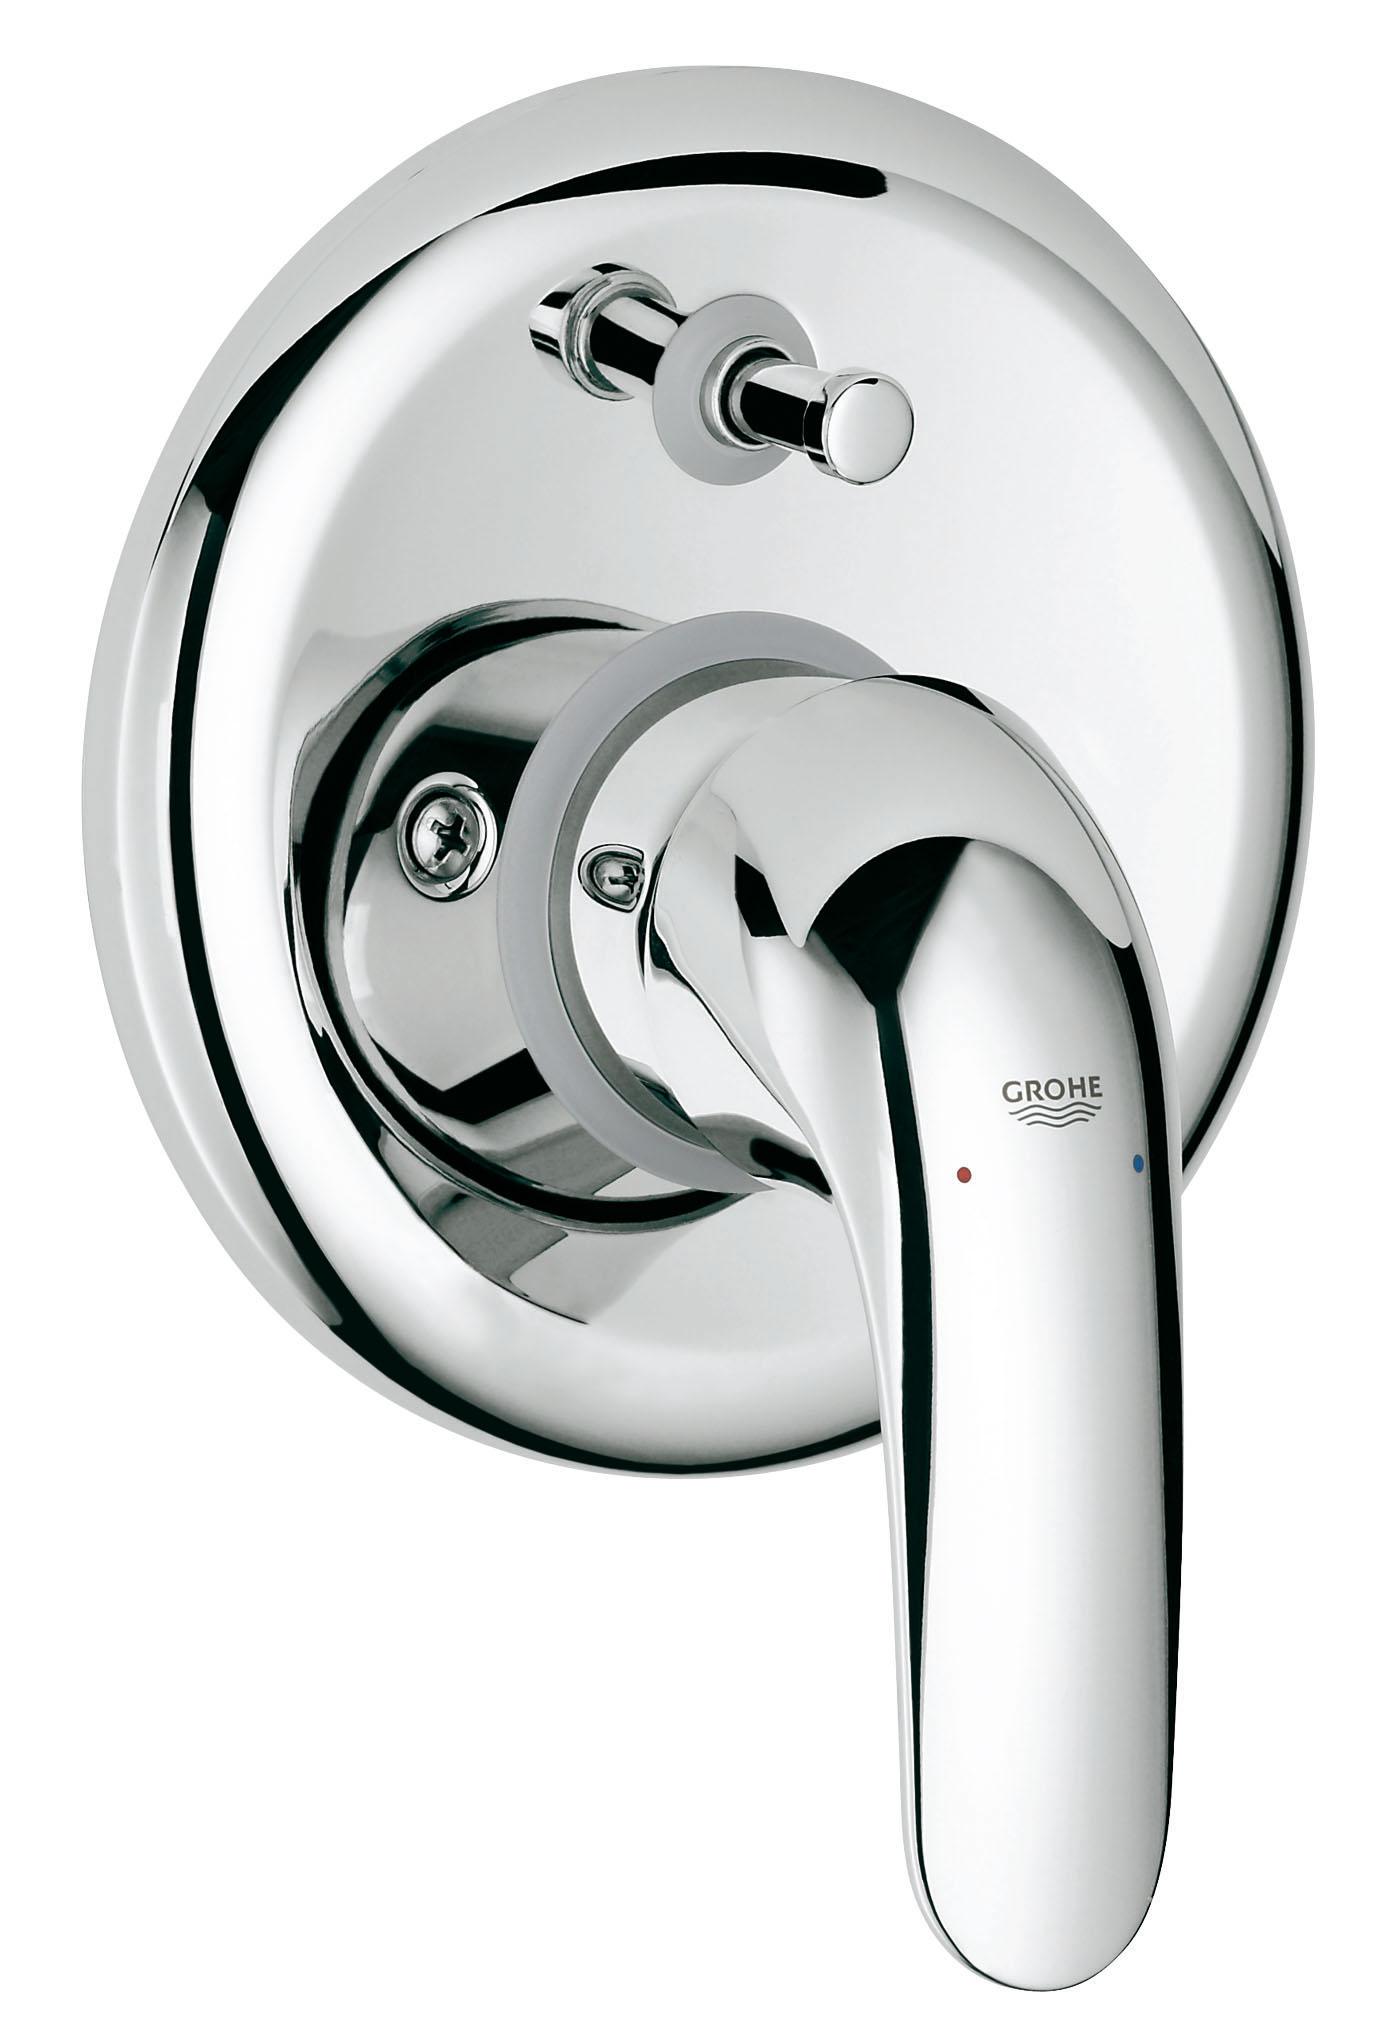 Смеситель встраиваемый для ванны GROHE Euroeco new (встр. механизм в комплекте) (32747000)68/5/1Скрытый монтажВключает в себя:Встраиваемый механизм (33 963)Комплект готового монтажа (19 379)GROHE SilkMove керамический картридж O 46 ммGROHE StarLight хромированная поверхность Автоматический переключатель: ванна/душМеталлический рычагУплотнитель розетки и рычагаОтражатели из металлаВинтовое креплениеДополнительный ограничитель температуры (46 308 000)